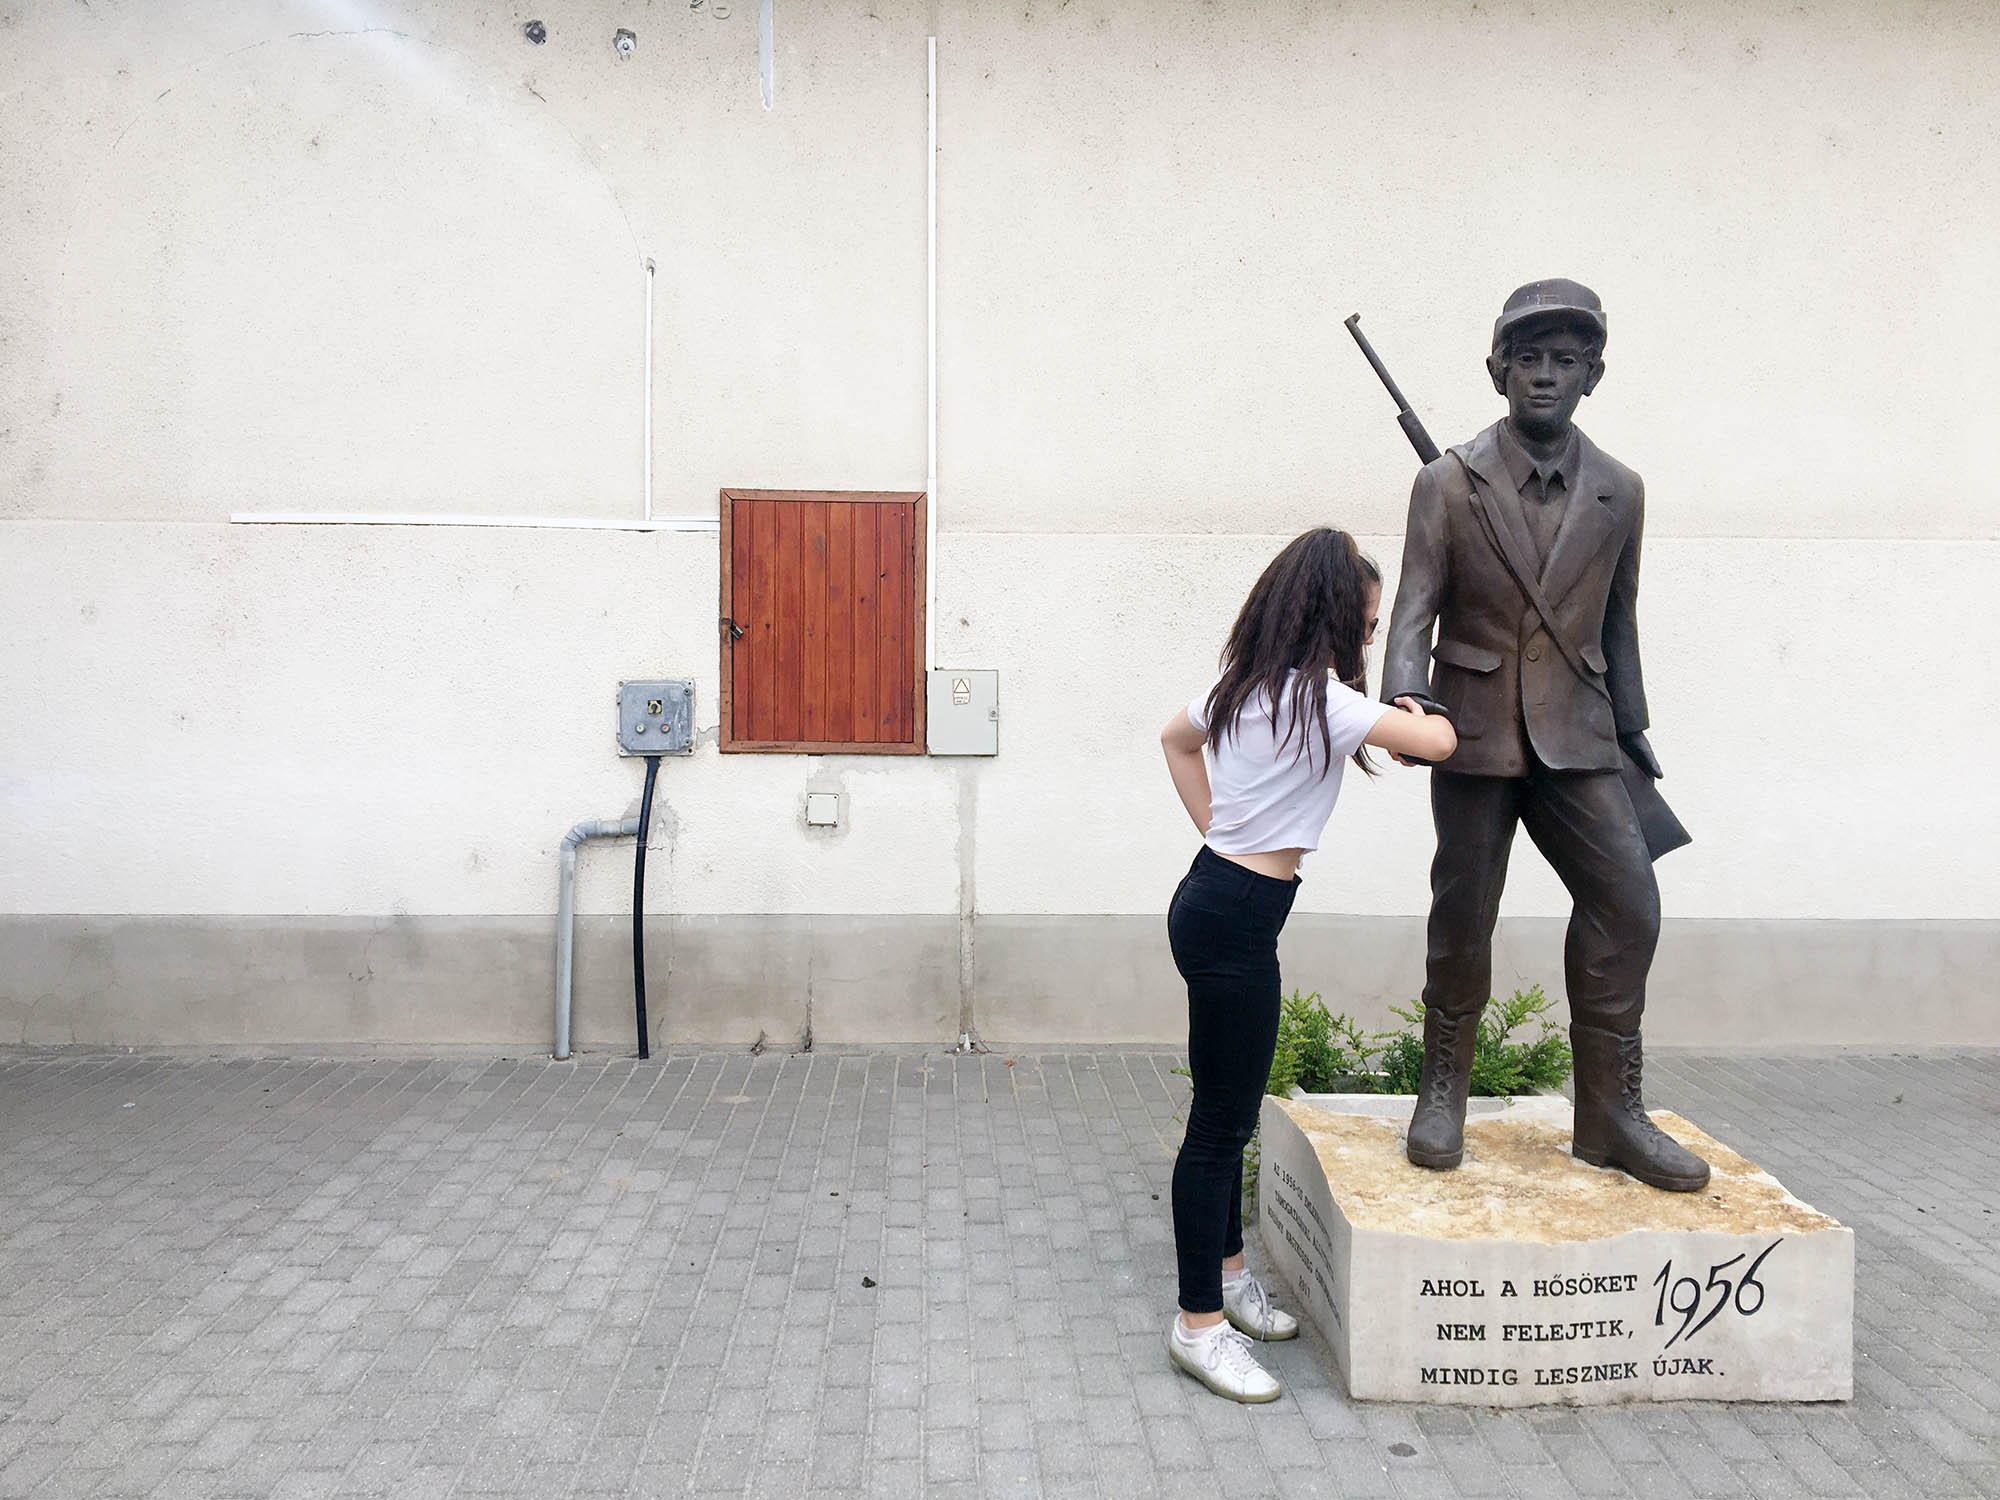 Mennyire legyünk naivak? – Köztér, emlékezet, hatalom Magyarországon